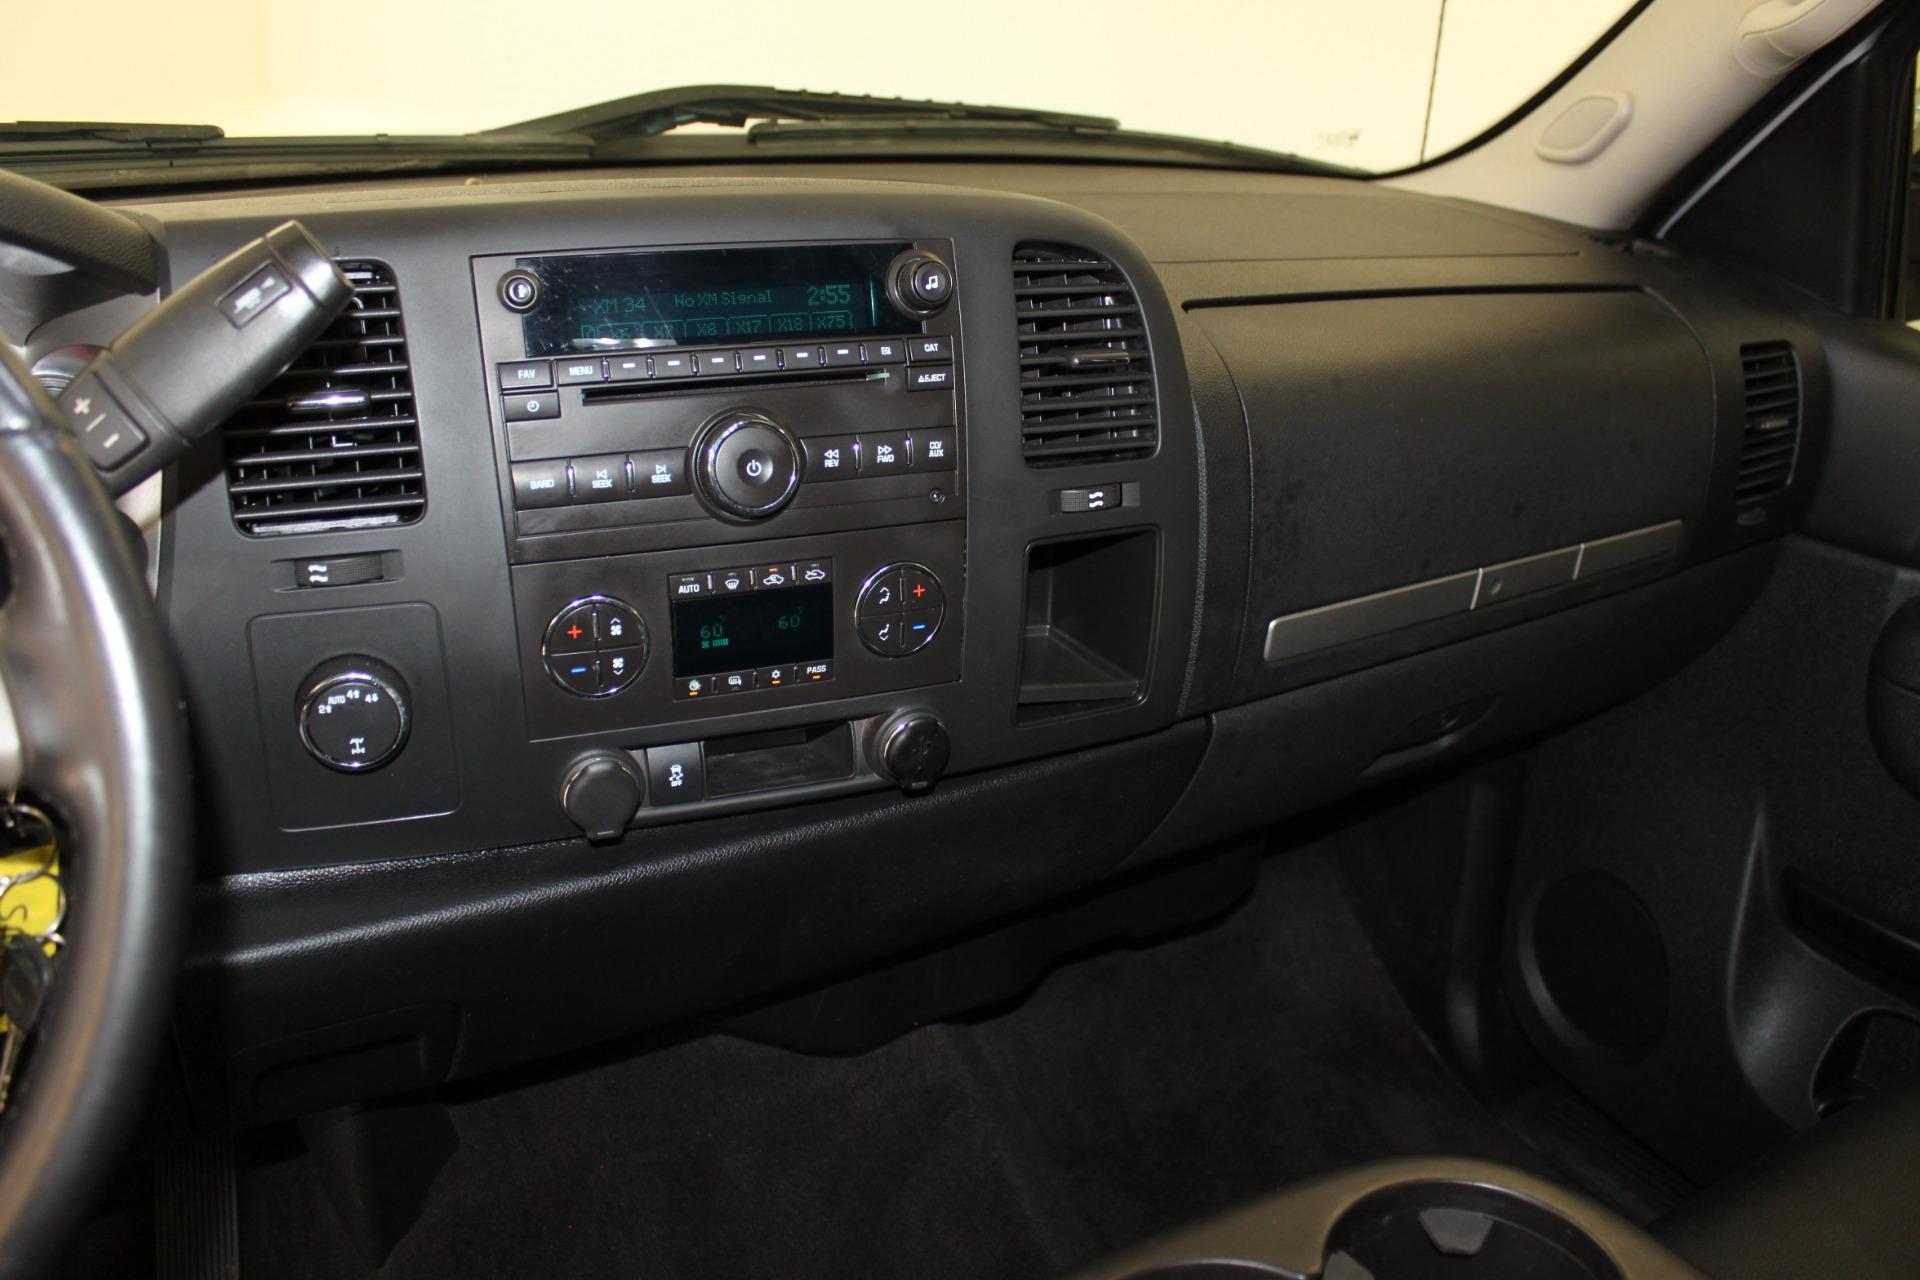 Used-2013-GMC-Sierra-1500-SLE-Z71-4X4-Classic